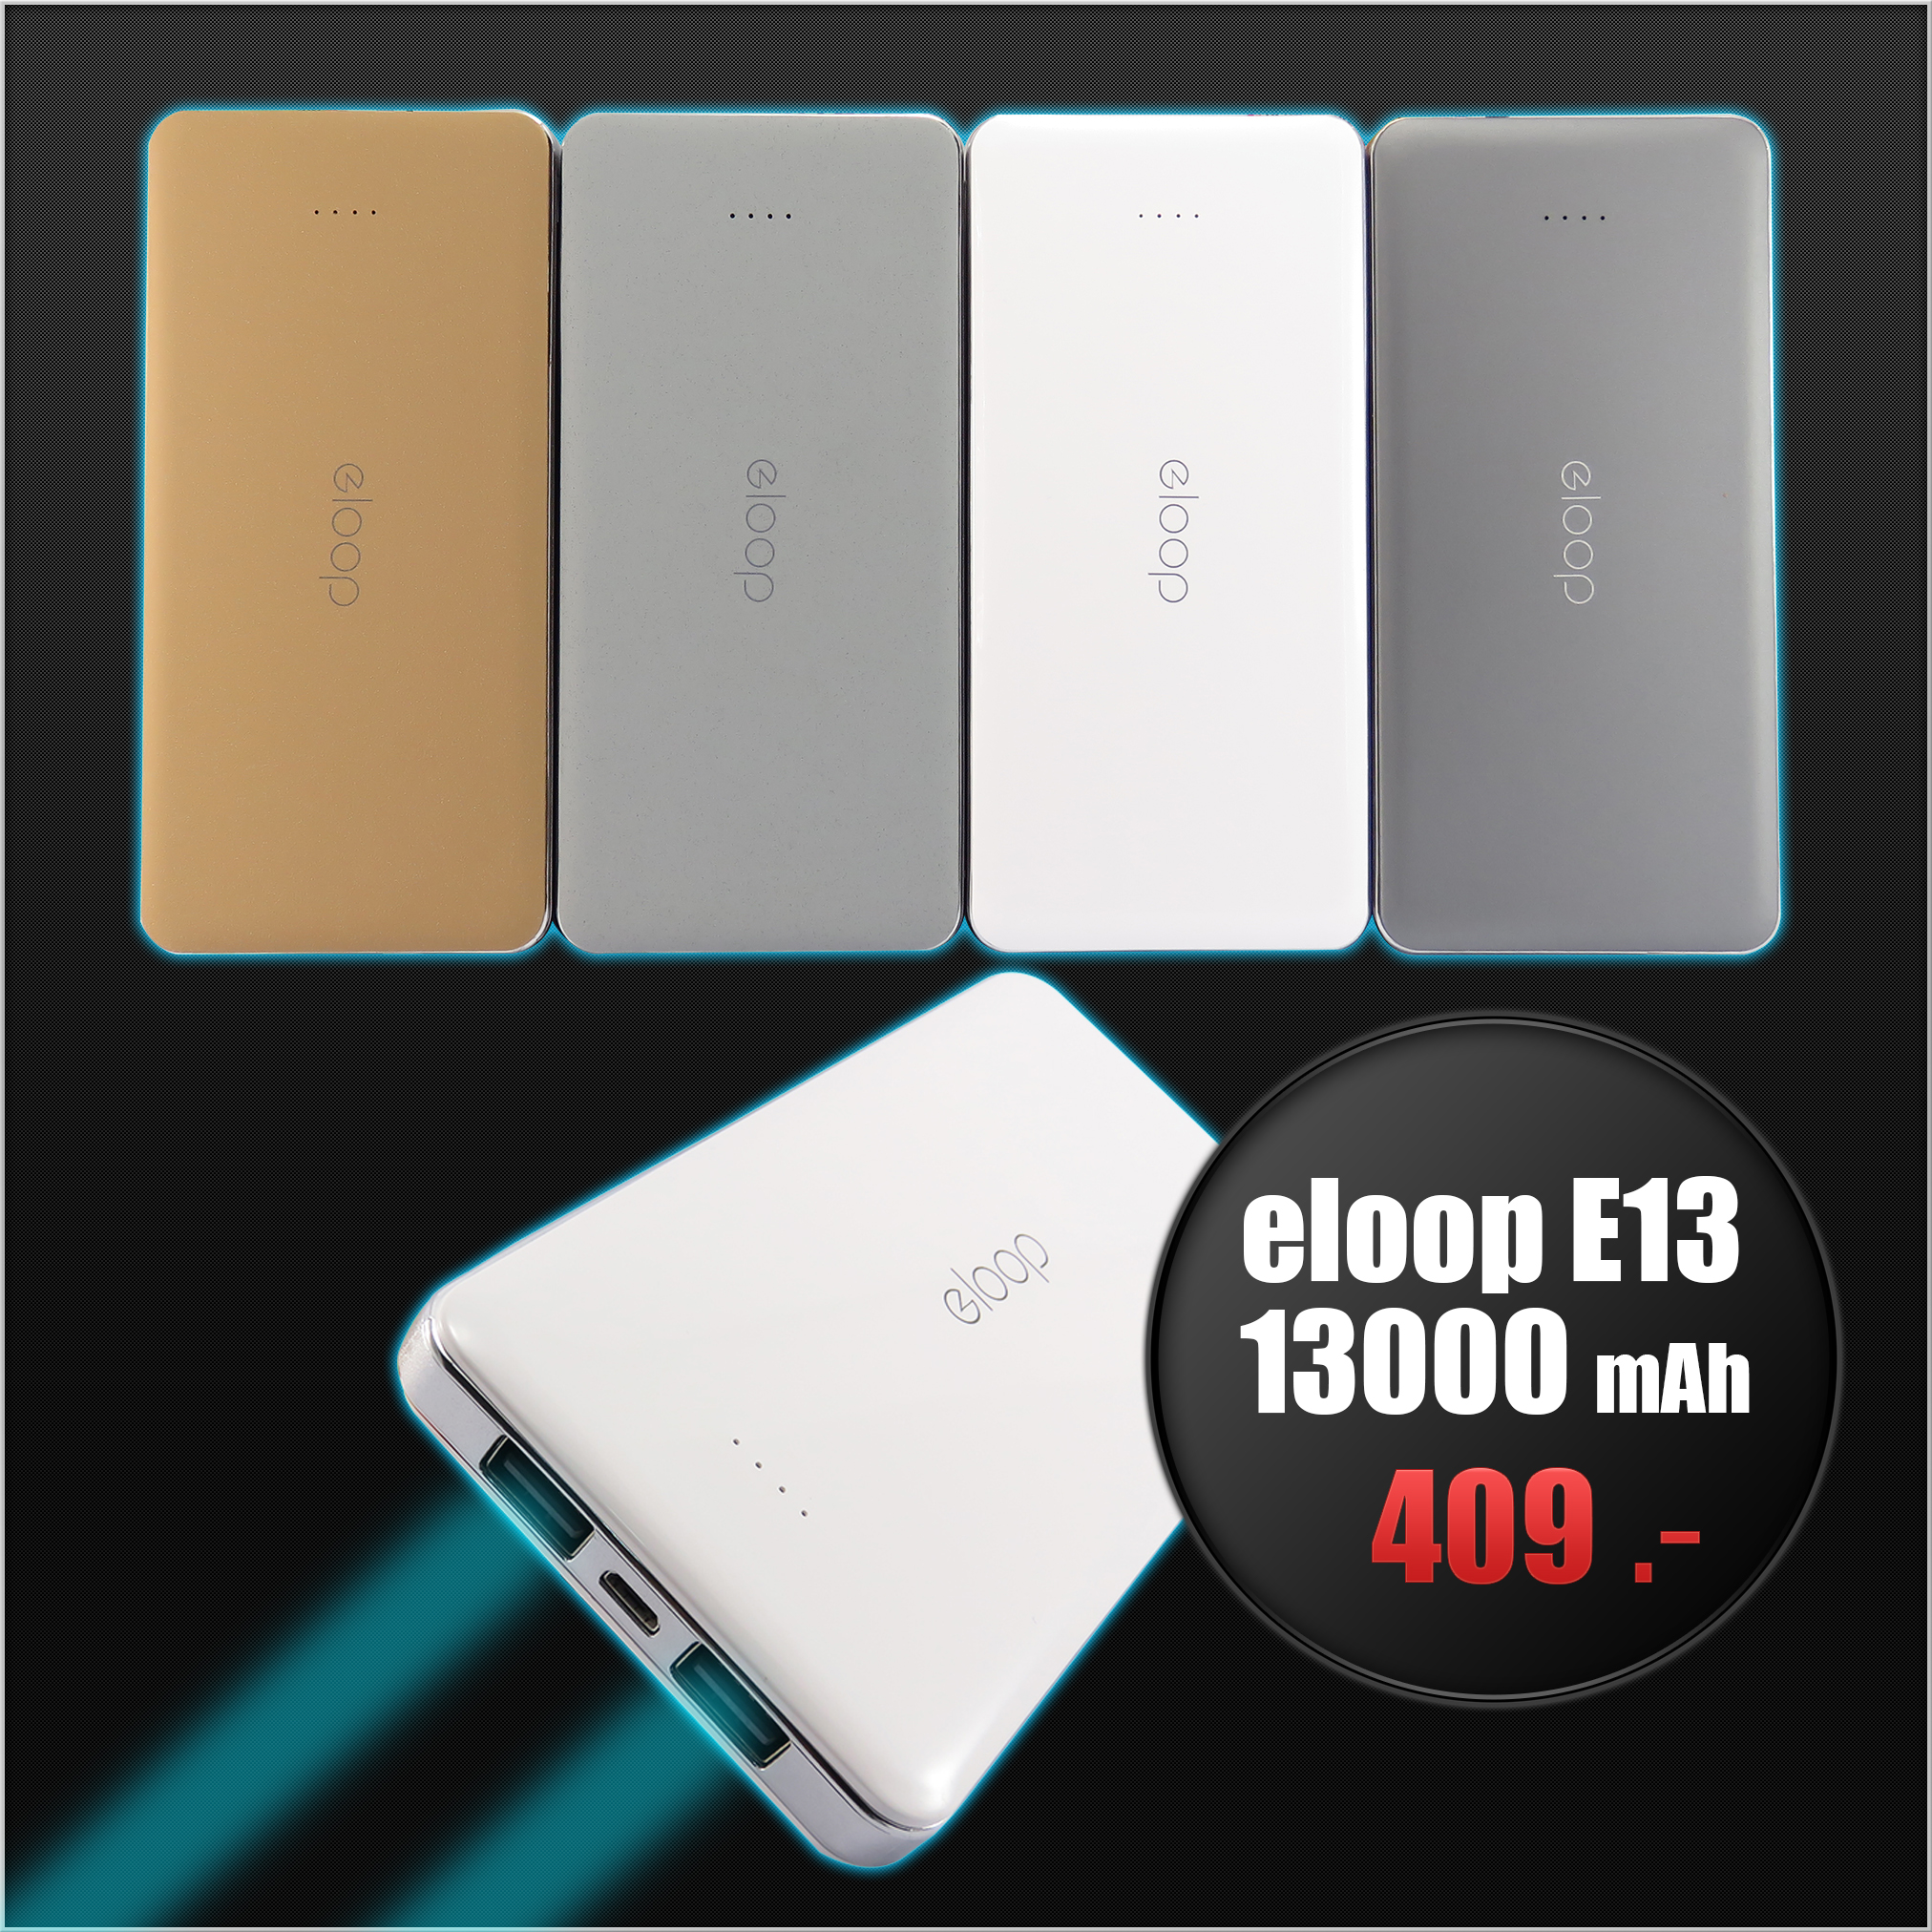 Eloop E13 Power bank 13000 mAh